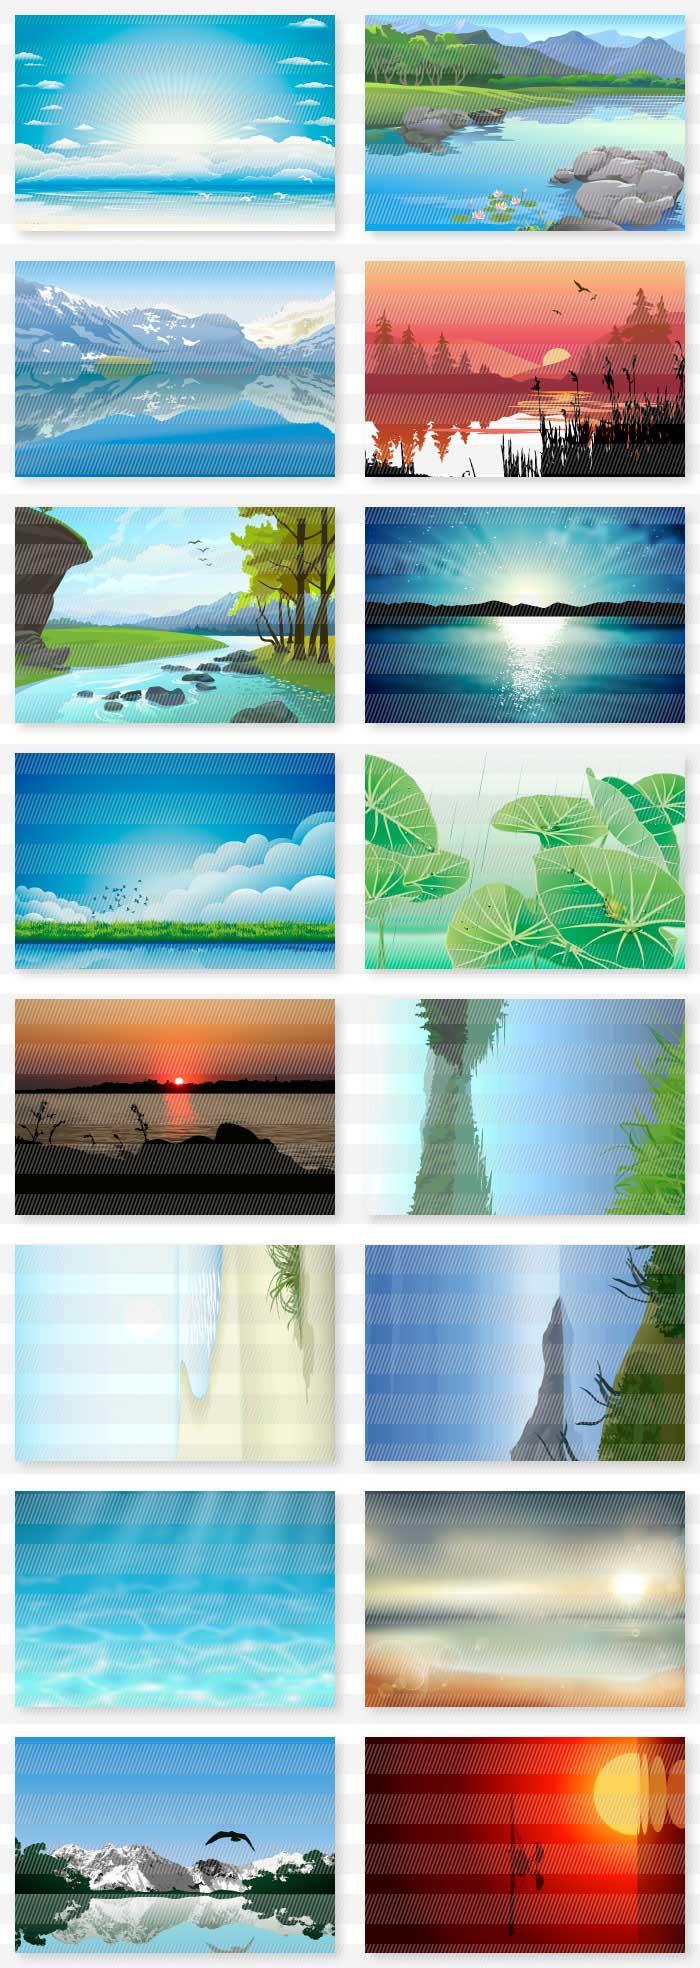 海・山・空・夕暮れの風景の背景素材